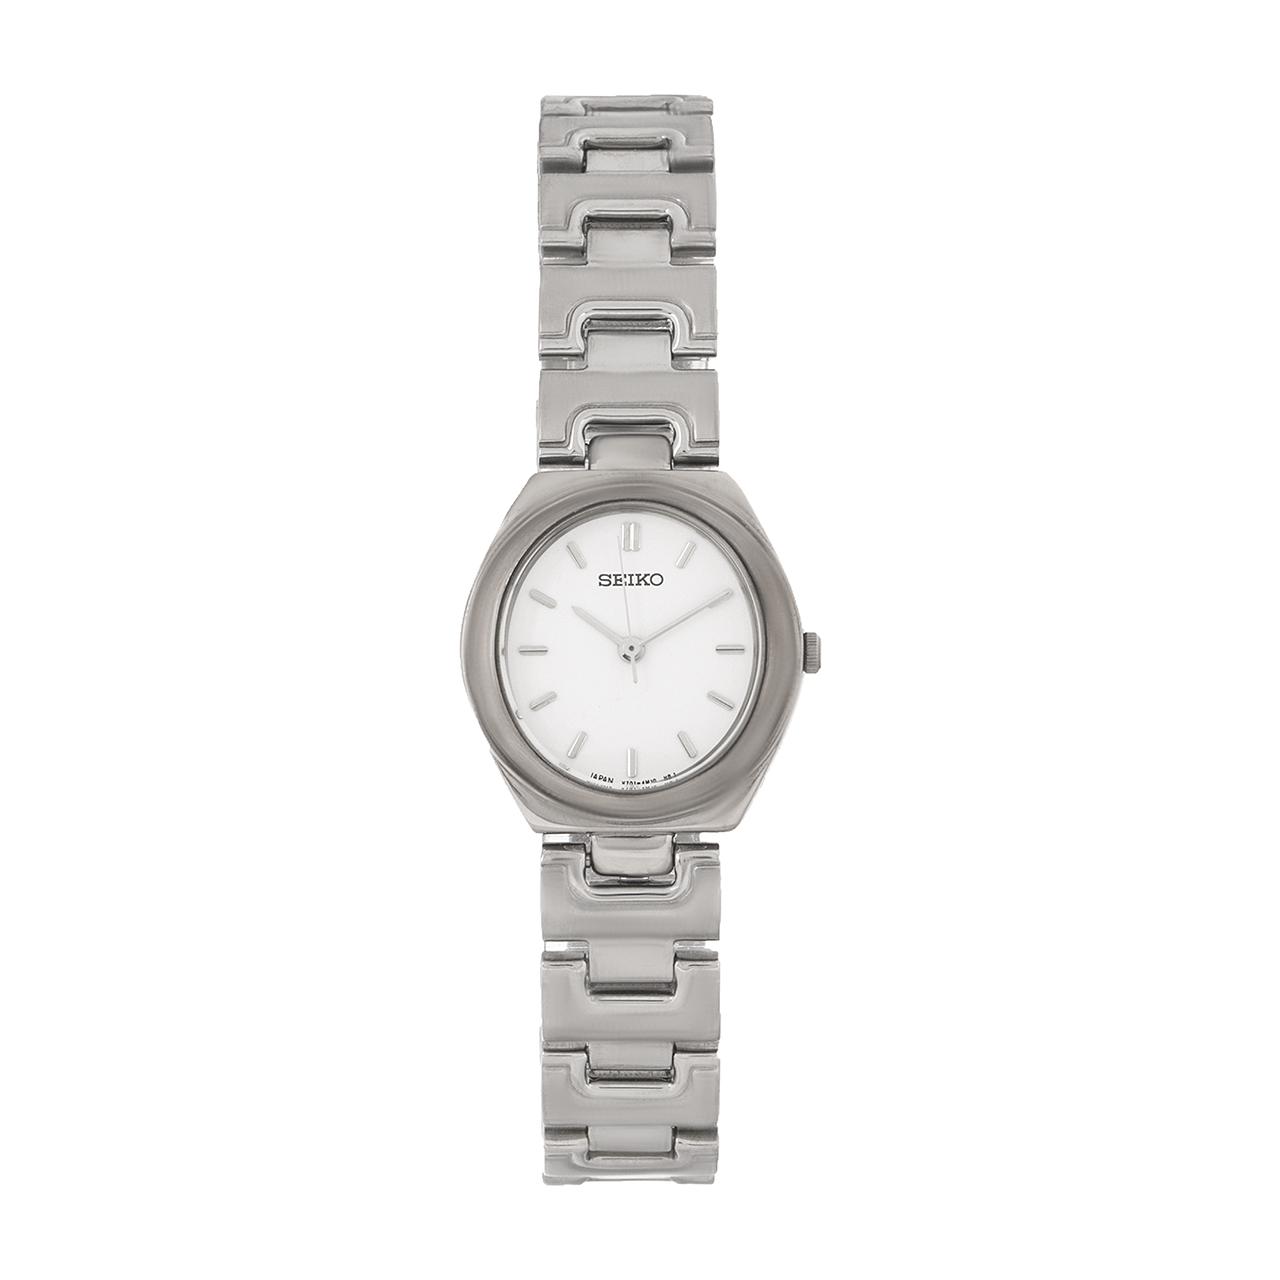 ساعت زنانه برند سیکو مدل 01